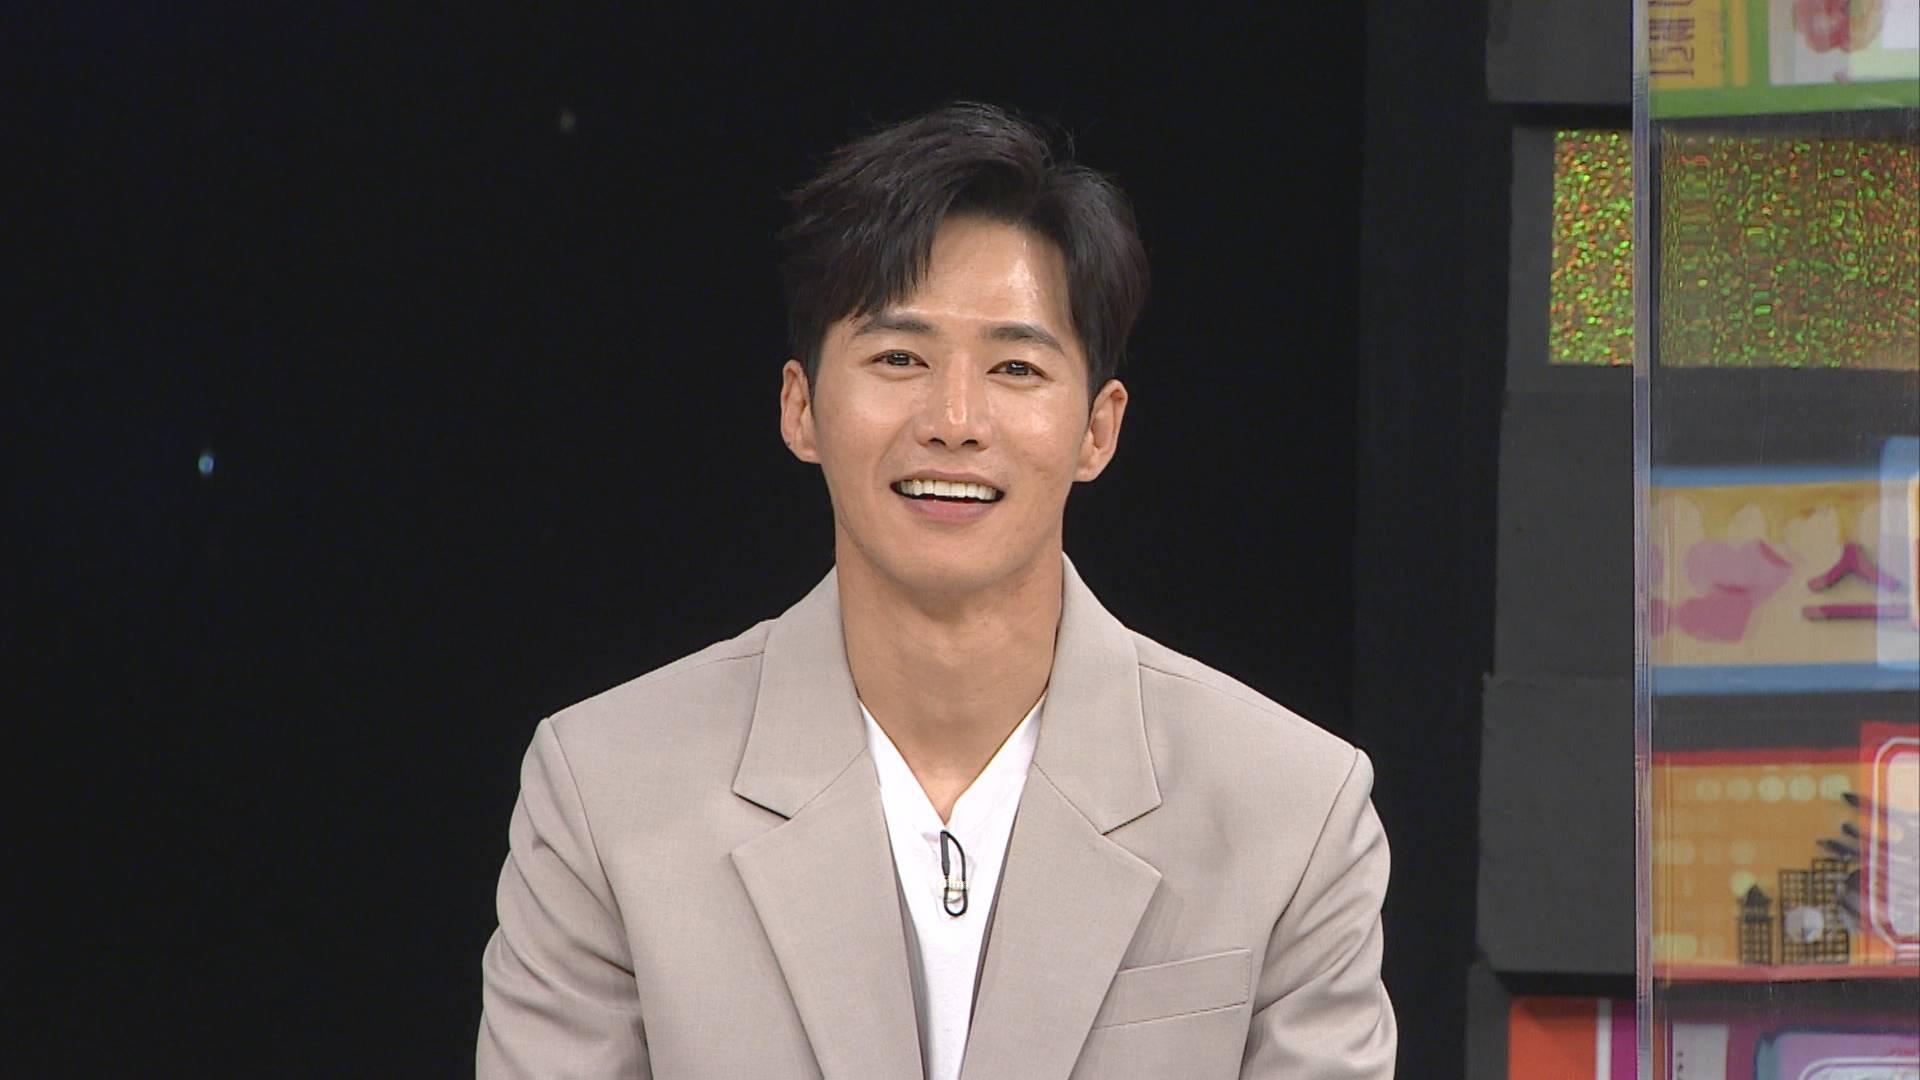 오종혁, 아내와 첫 만남부터 결혼까지 에피소드 대방출(비디오스타) | 인스티즈